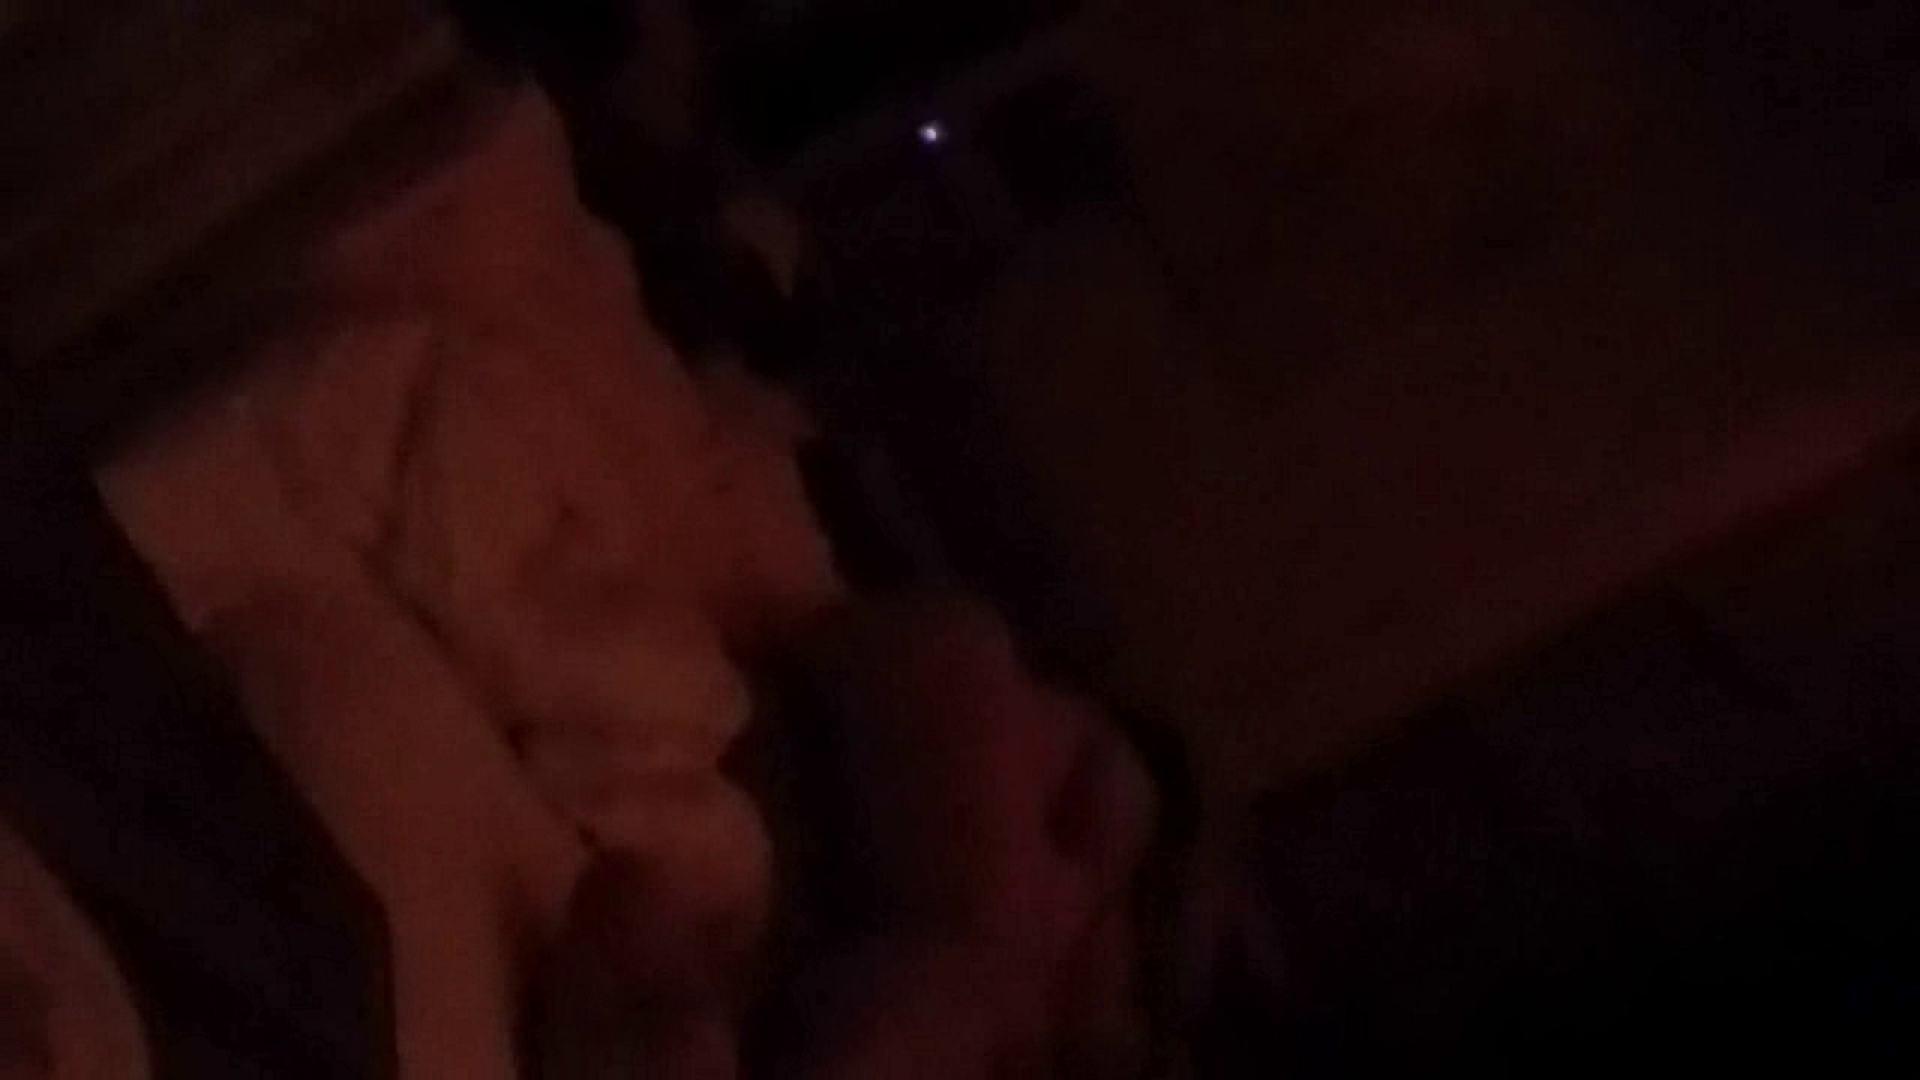 身内撮り!自宅内隠し撮りシリーズ Vol.04 盛合せ オマンコ無修正動画無料 65画像 3